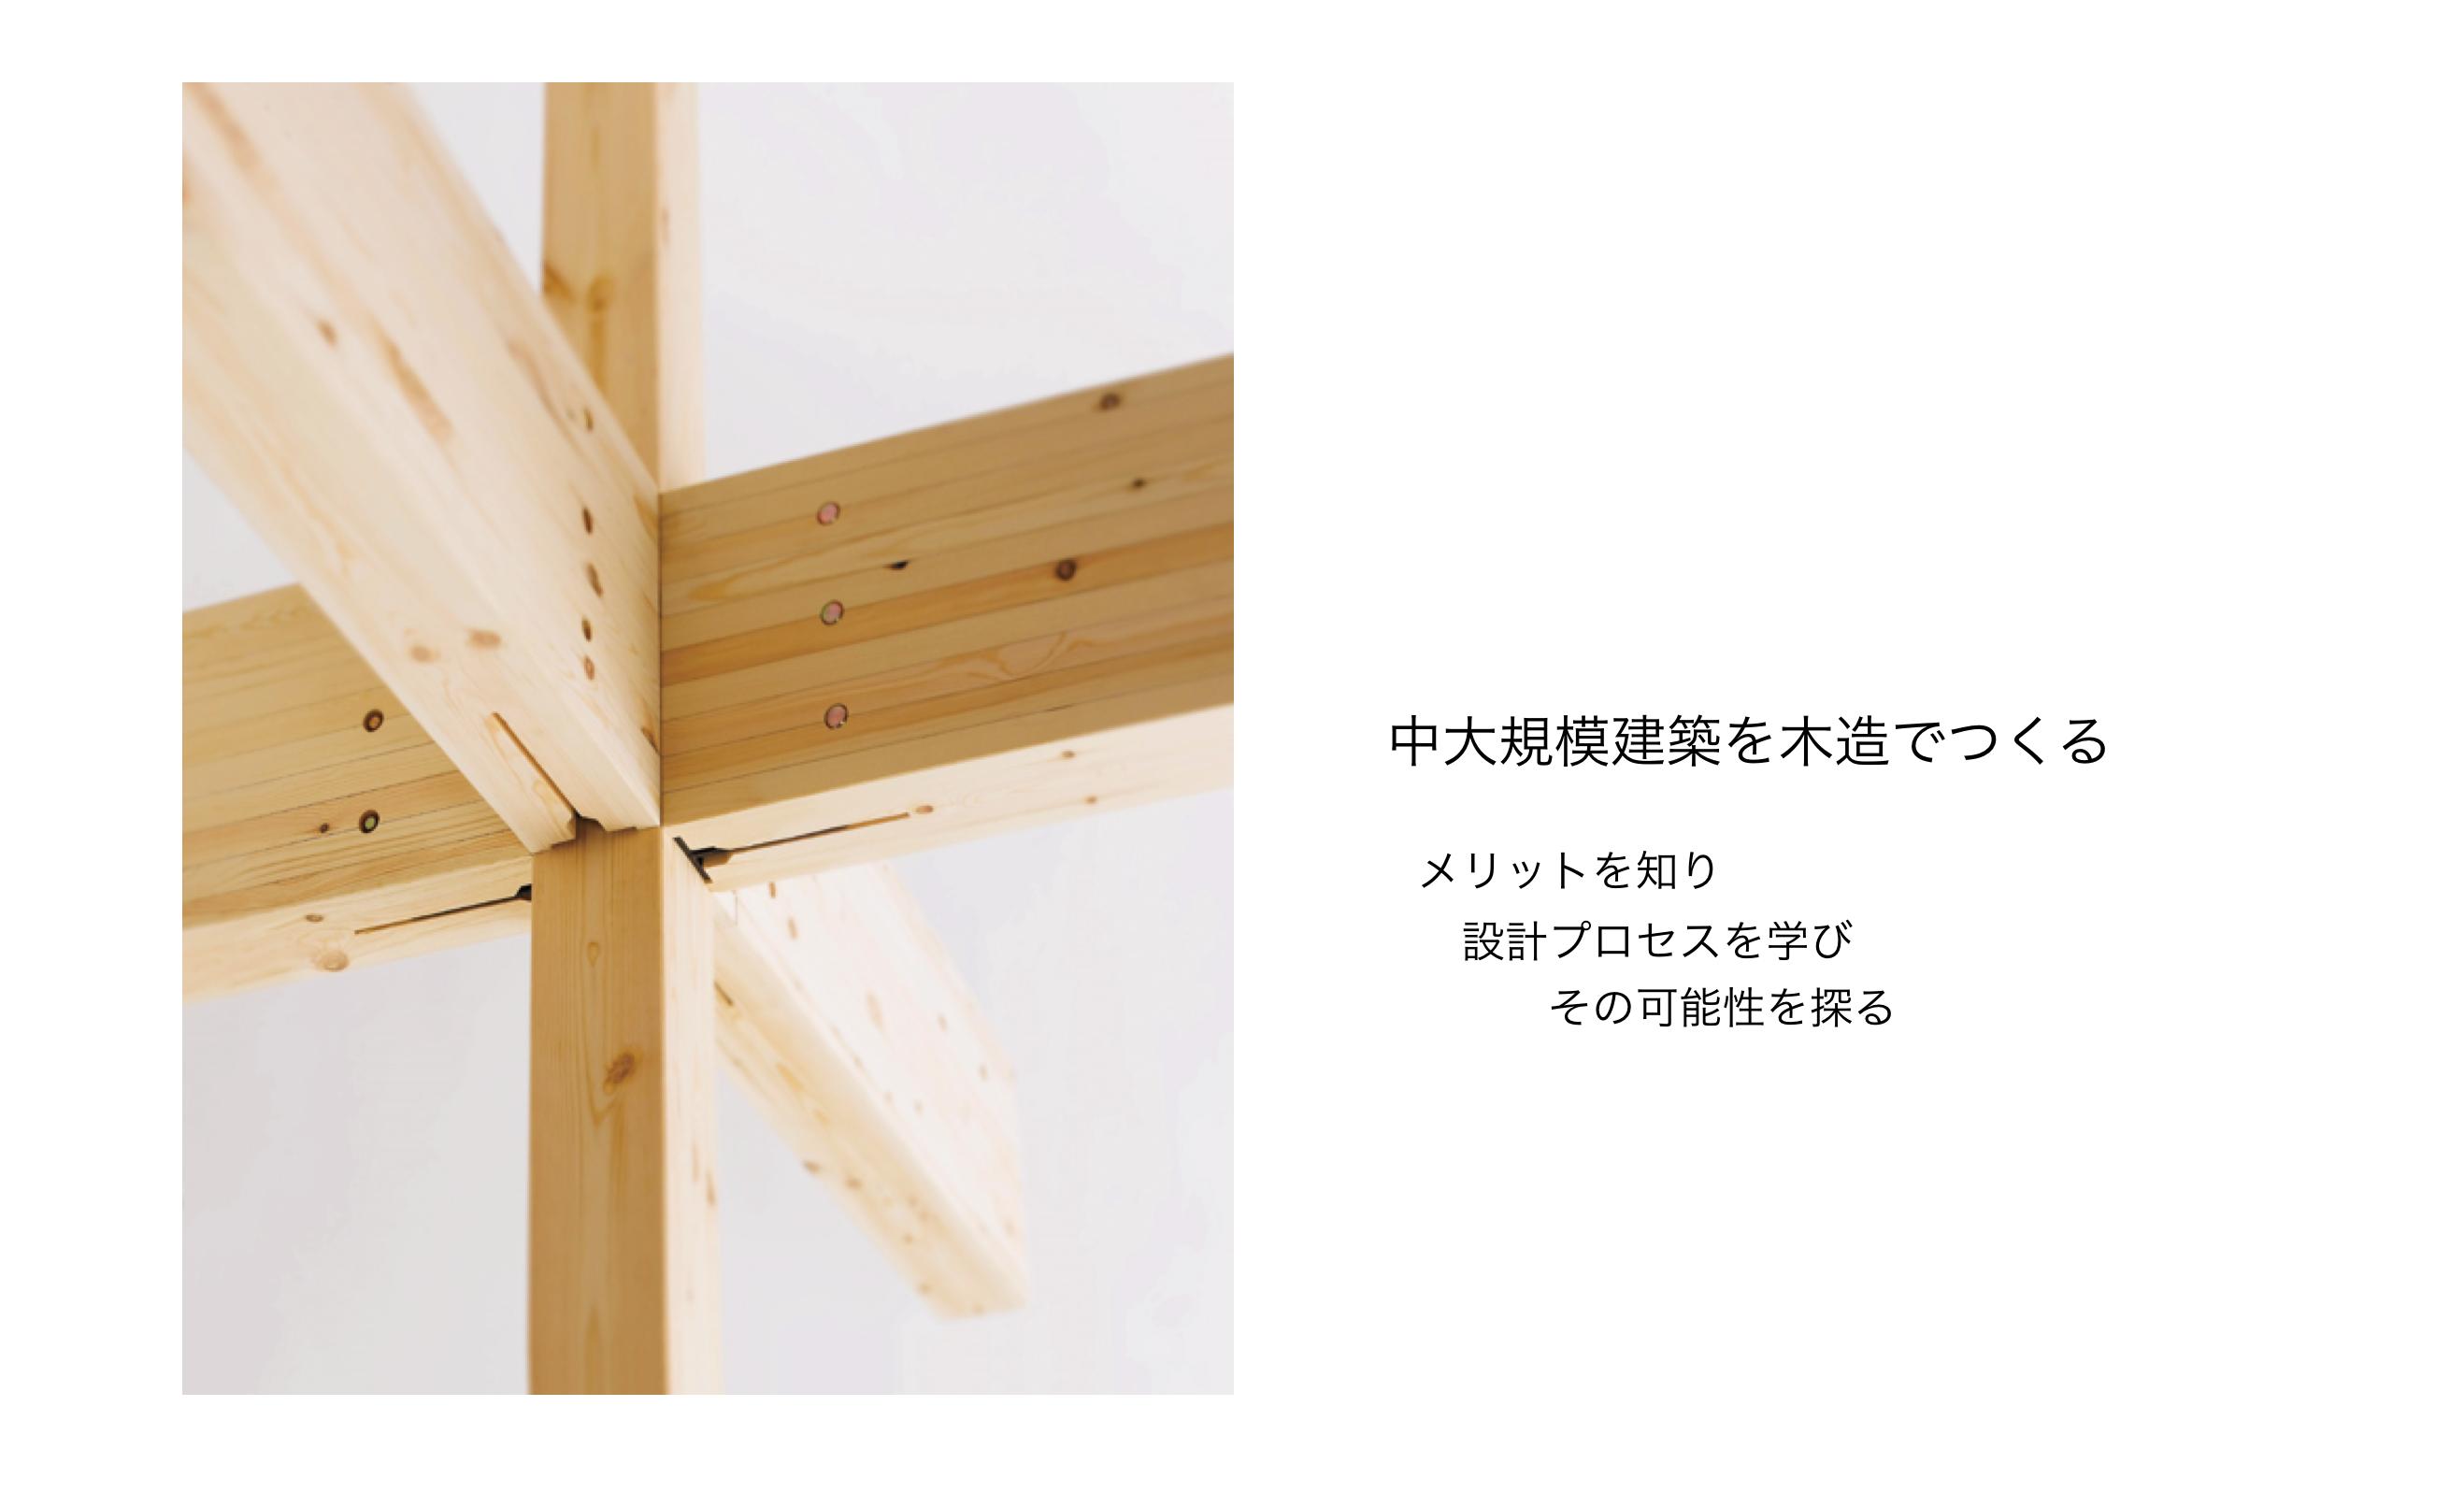 「中大規模建築を木造でつくる選択肢、そのメリットと可能性を学ぶ」開催 -